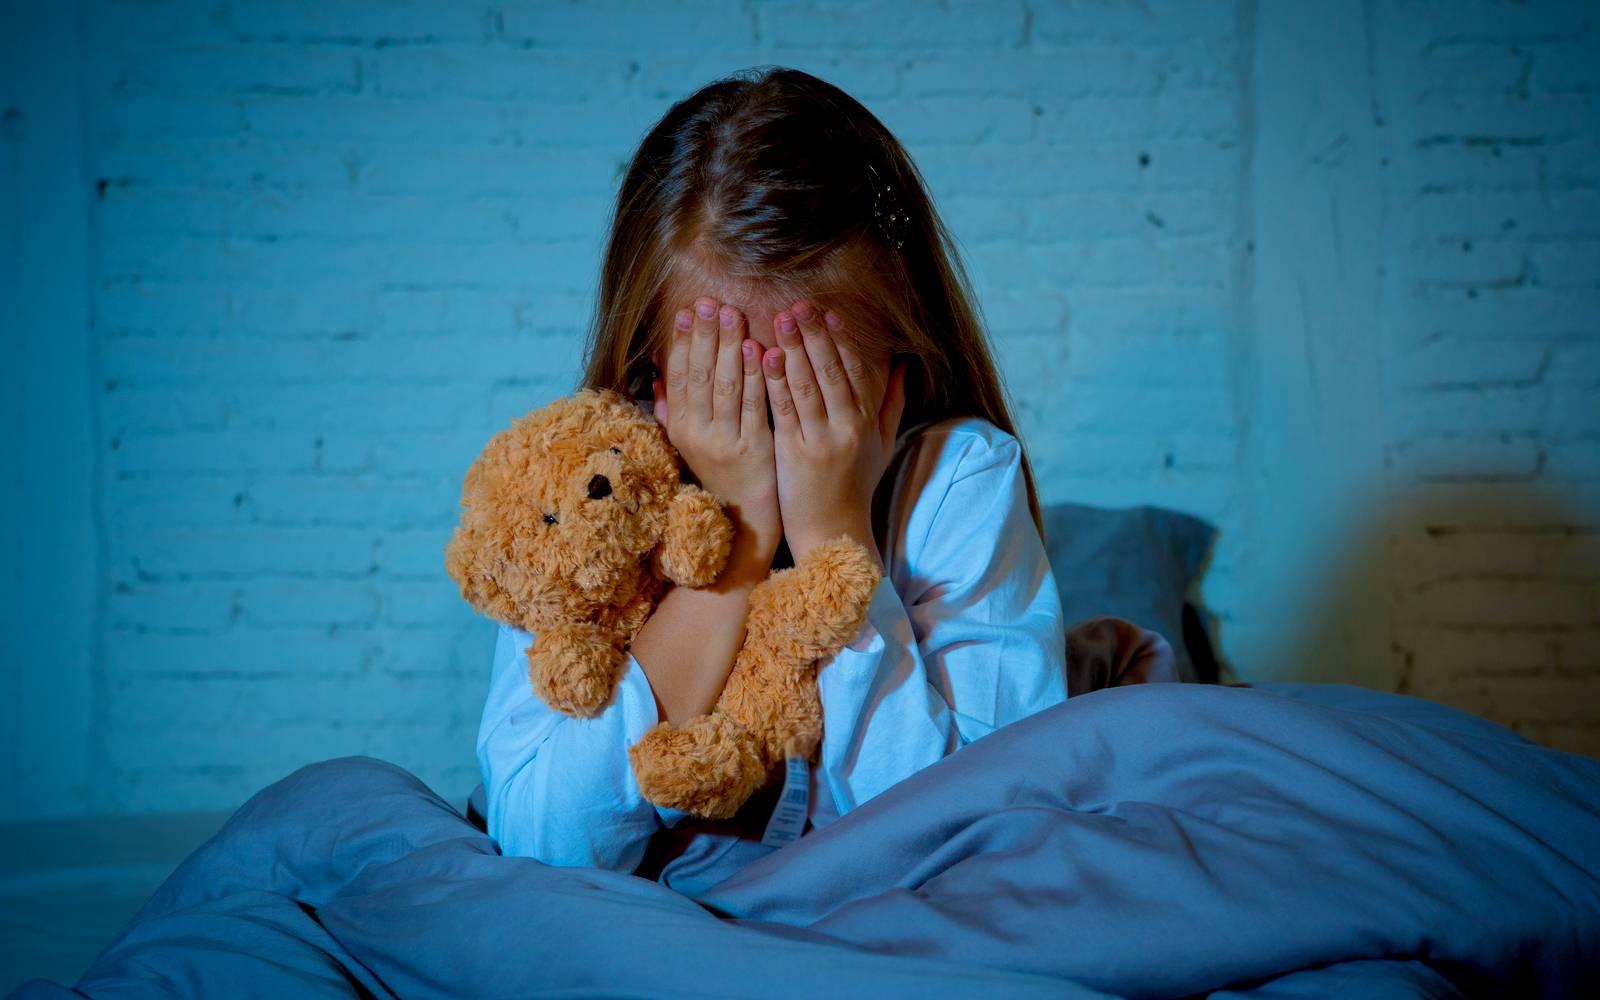 Jaké noční můry se zdají těm nejmladším? 5 nejčastějších zlých snů u dětí a jejich význam